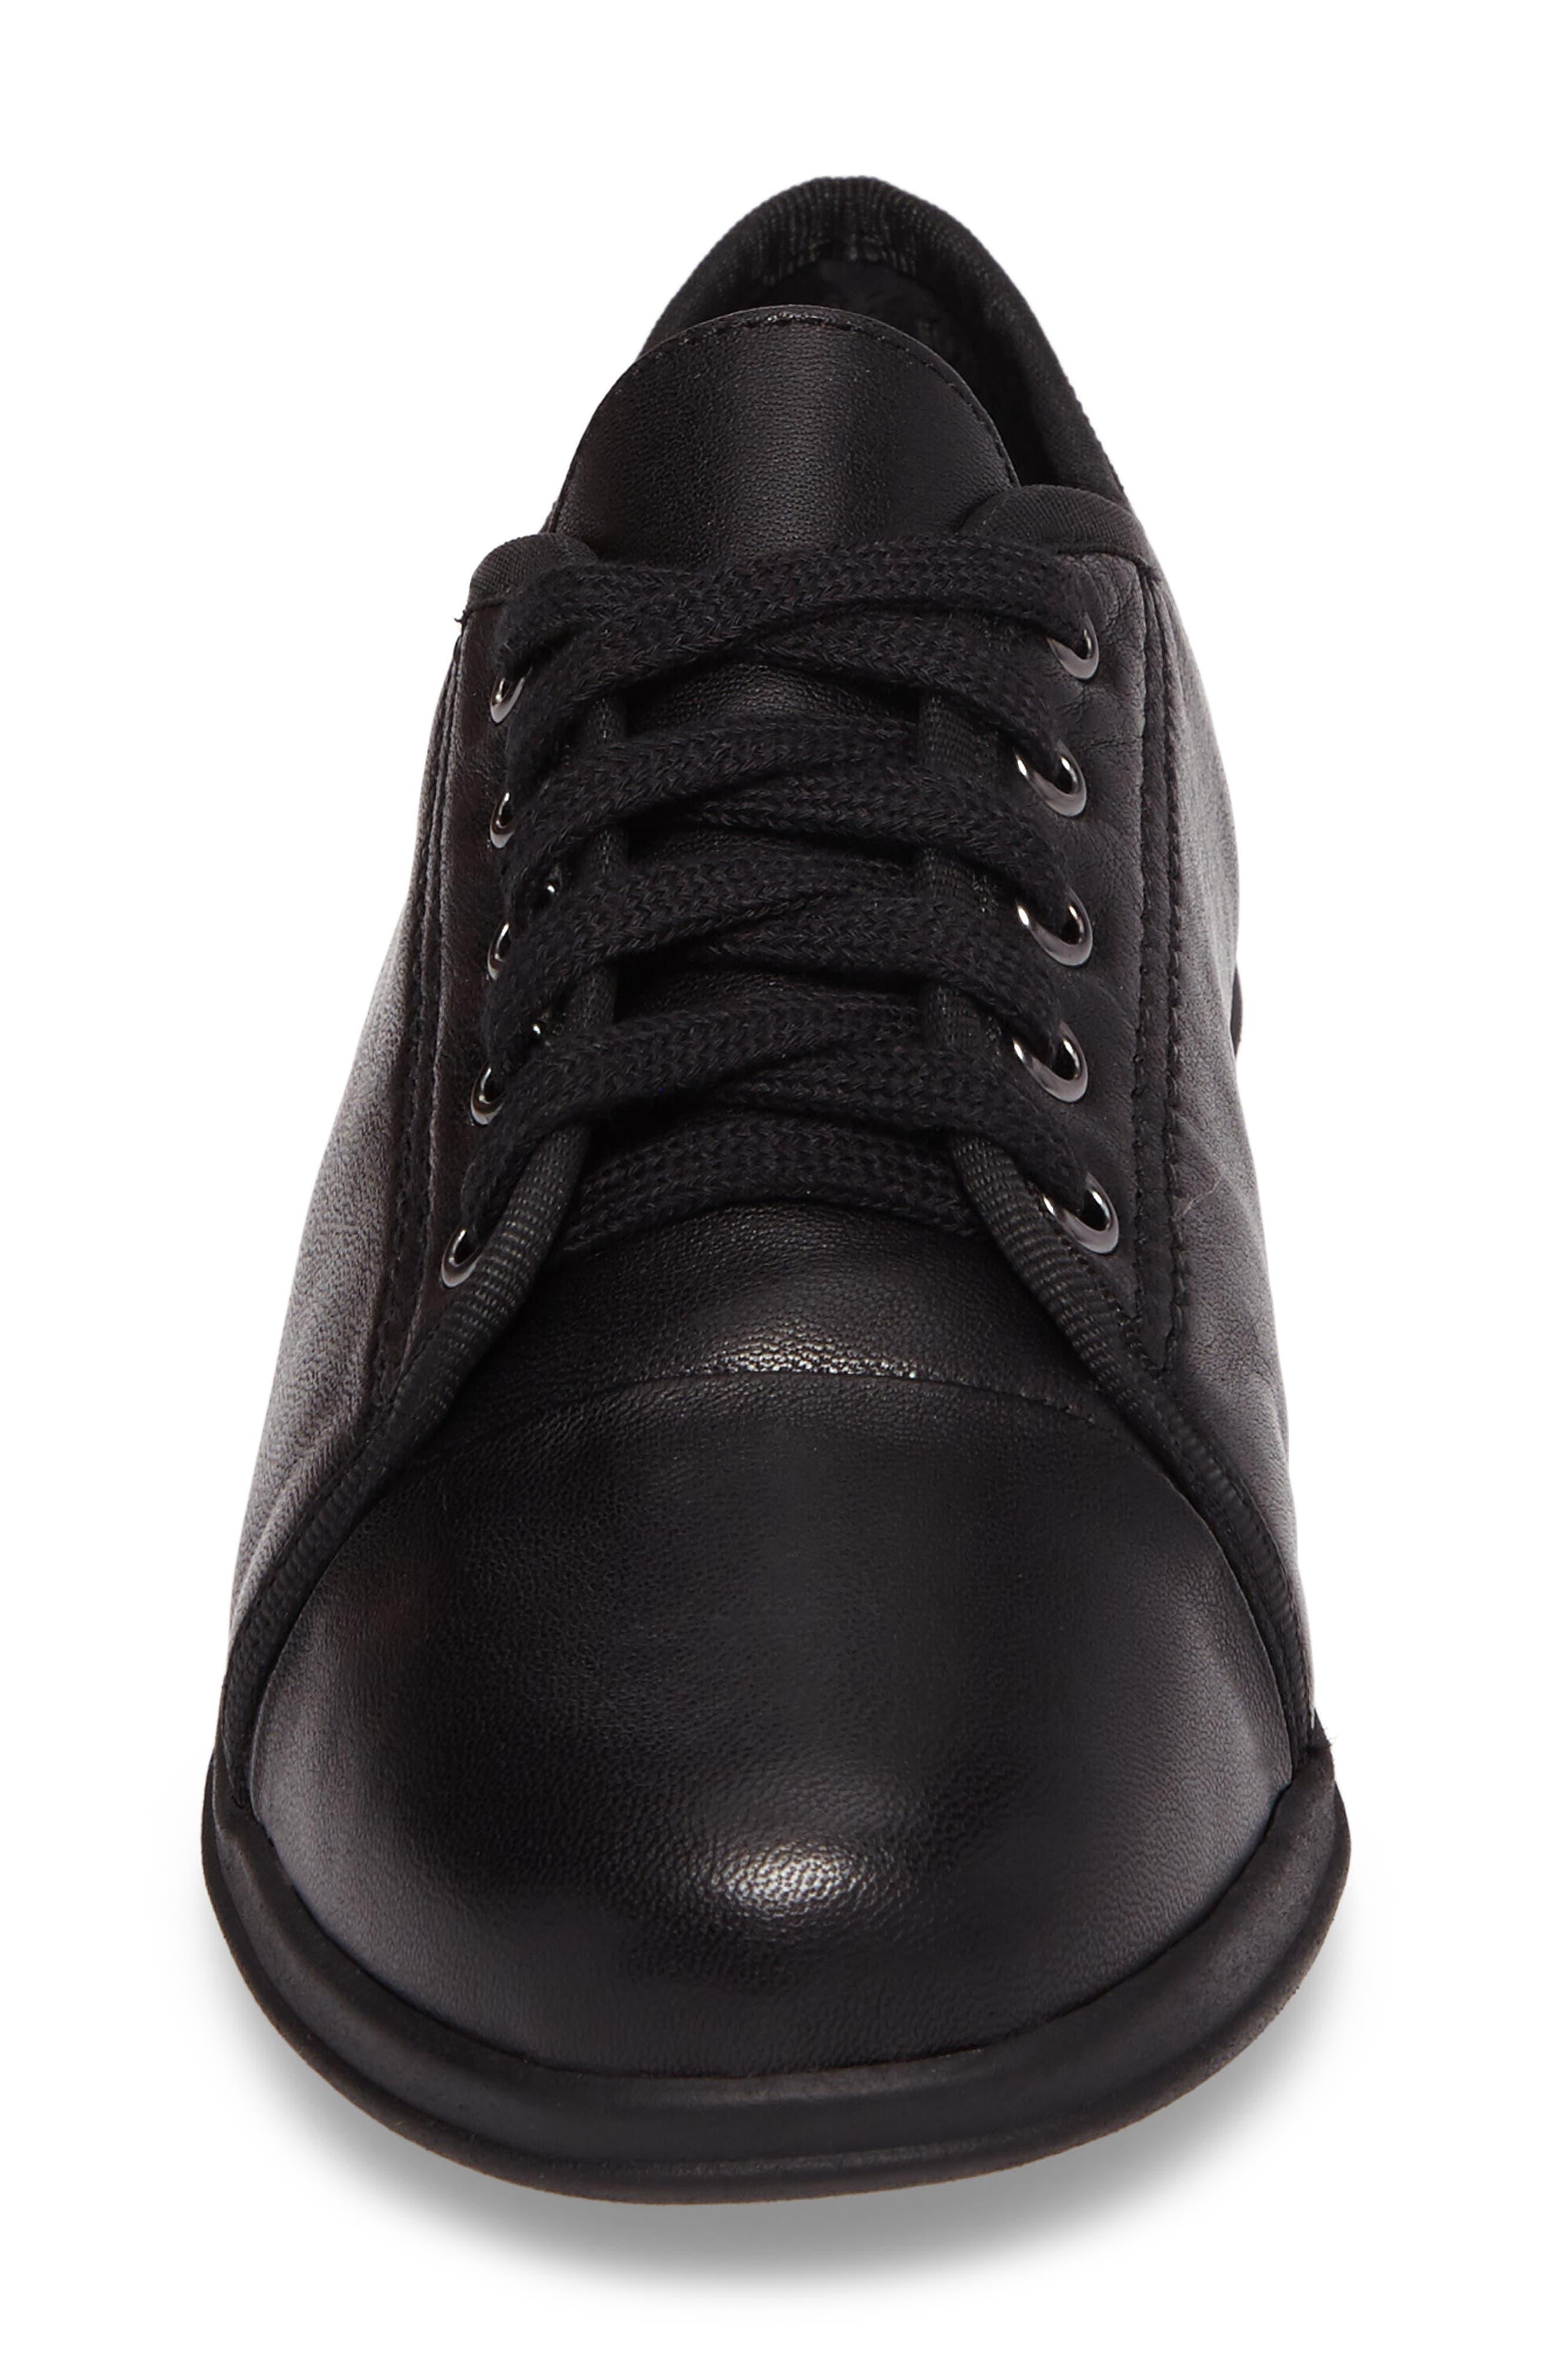 Siren Sneaker,                             Alternate thumbnail 4, color,                             BLACK LEATHER